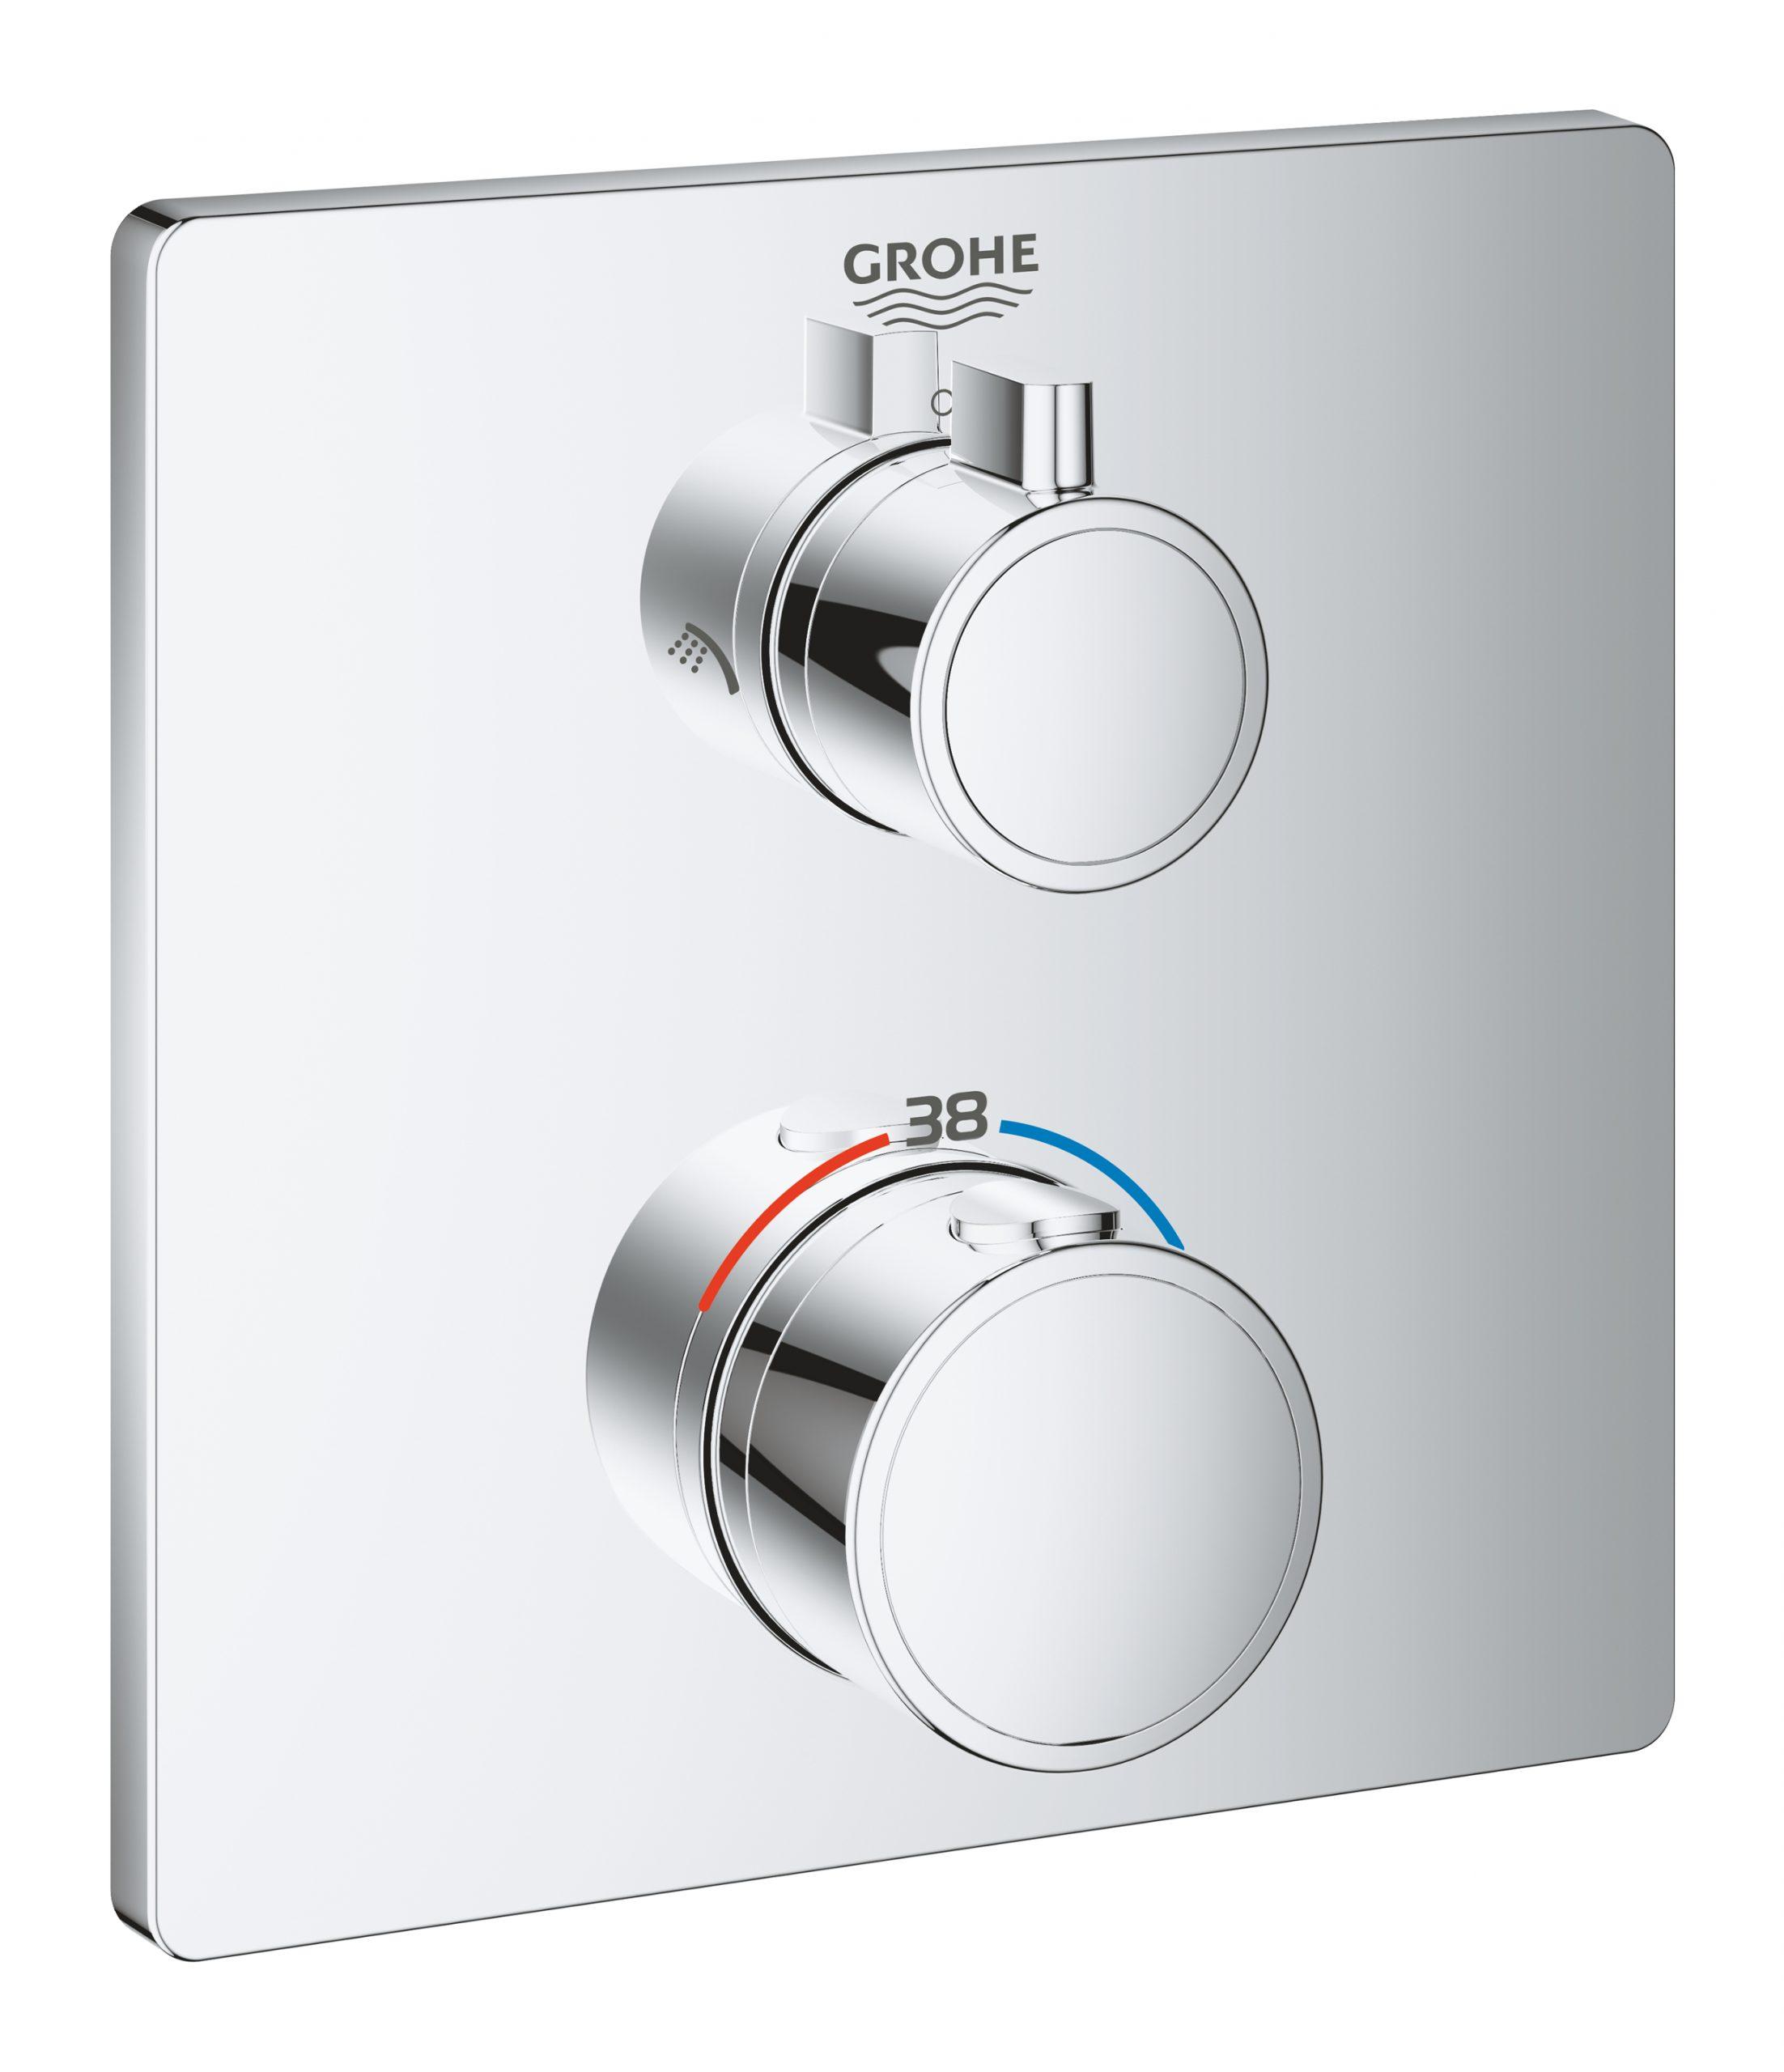 Bateria termostatyczna Grohe Grohtherm do obsługi dwóch wyjść wody chrom 24079000